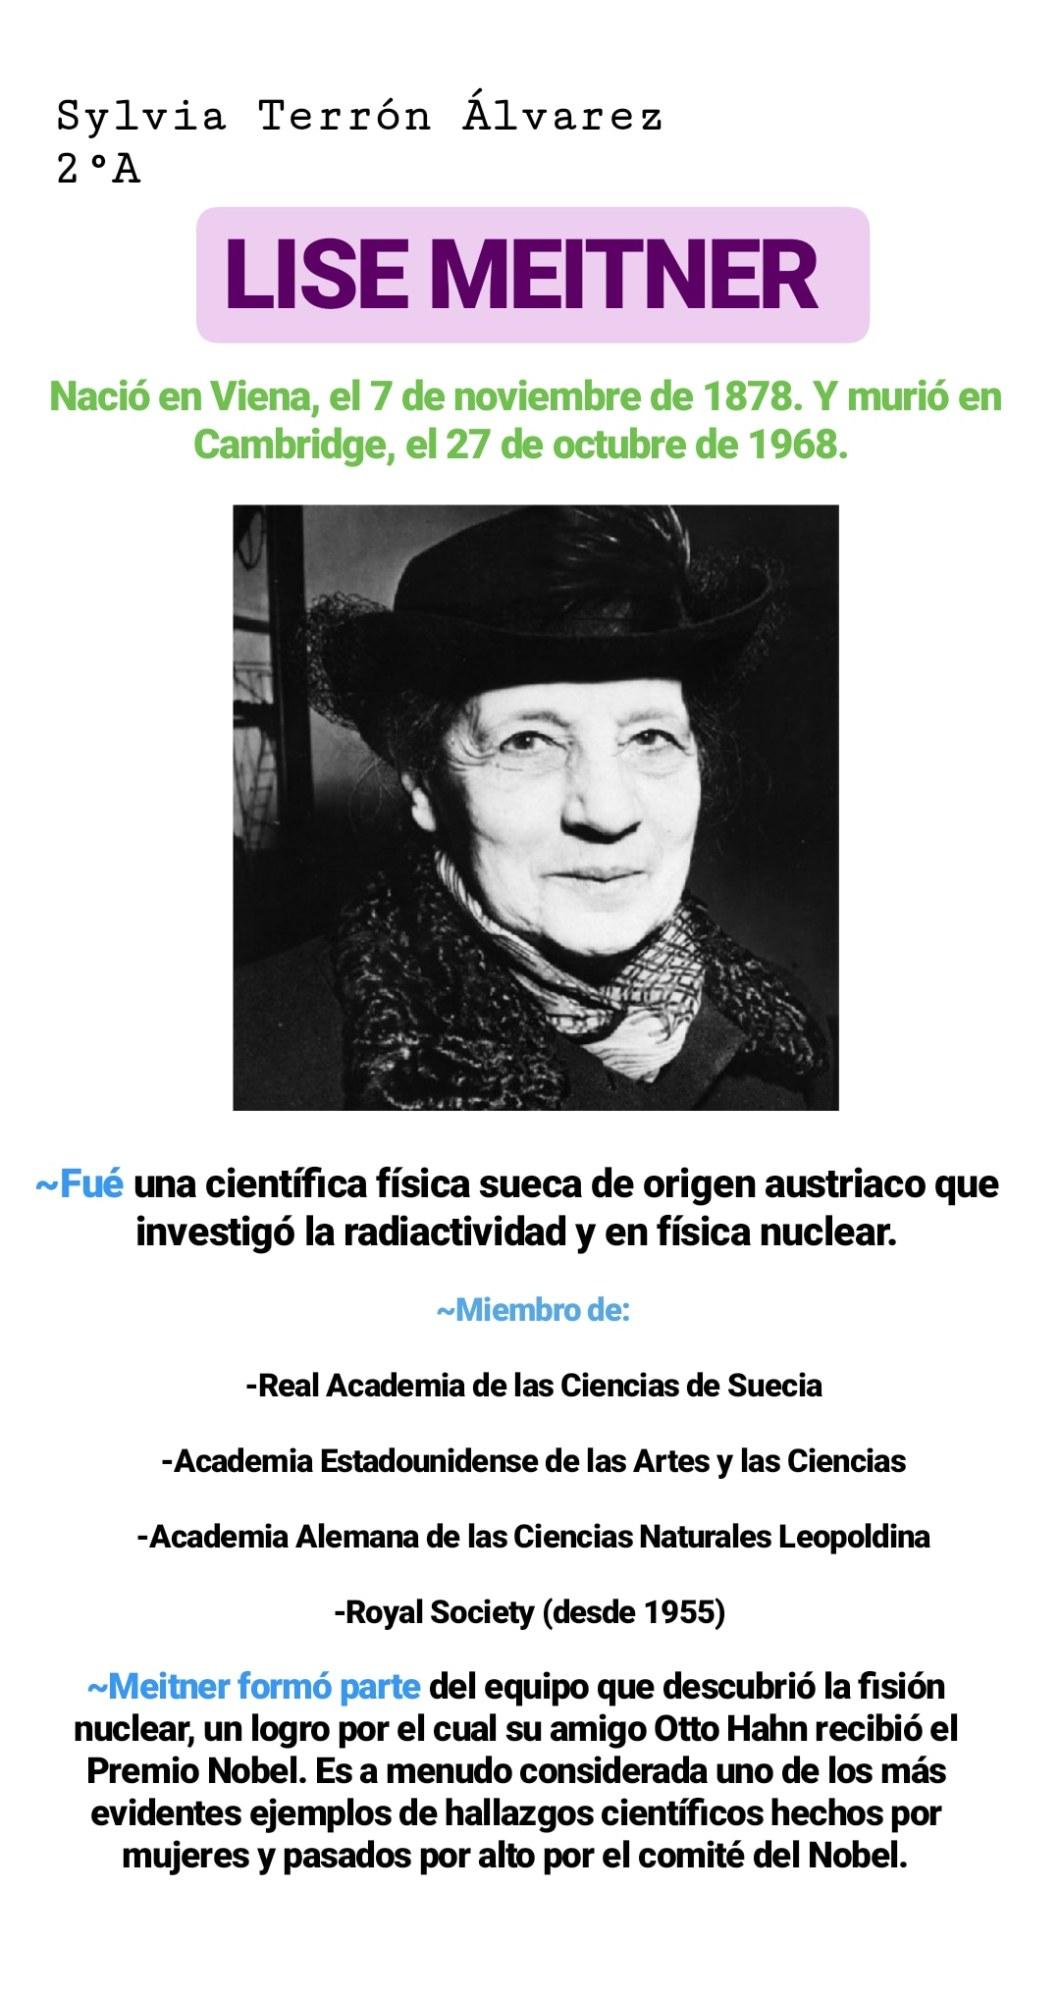 Sylvia Terrón (4)